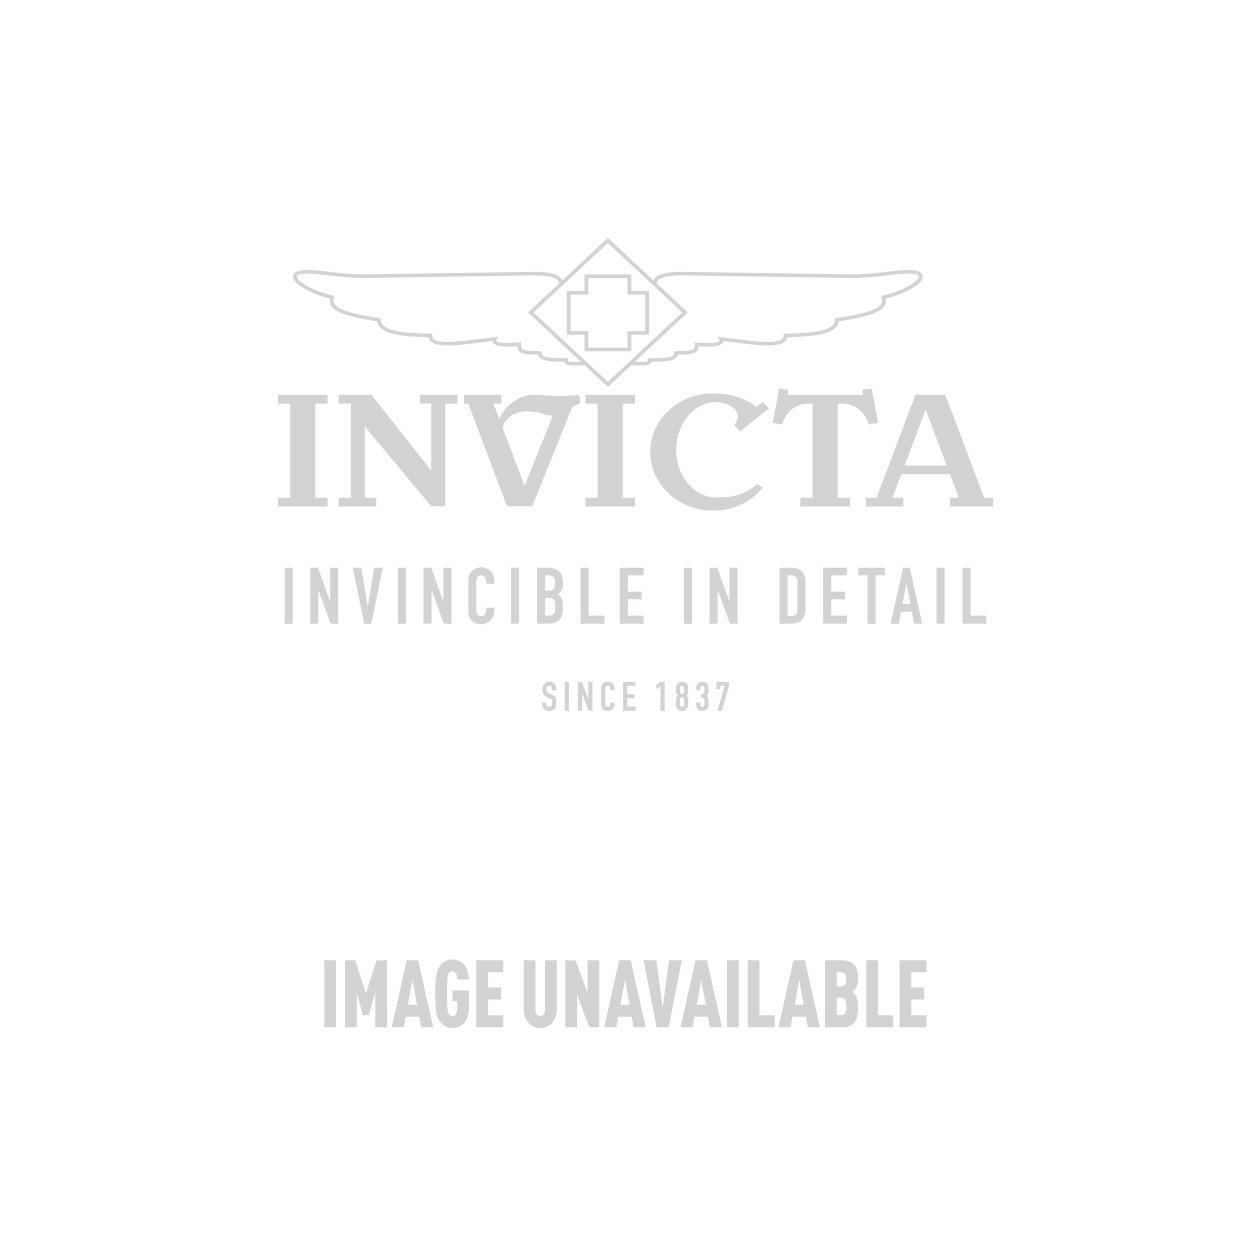 Invicta Model 28937